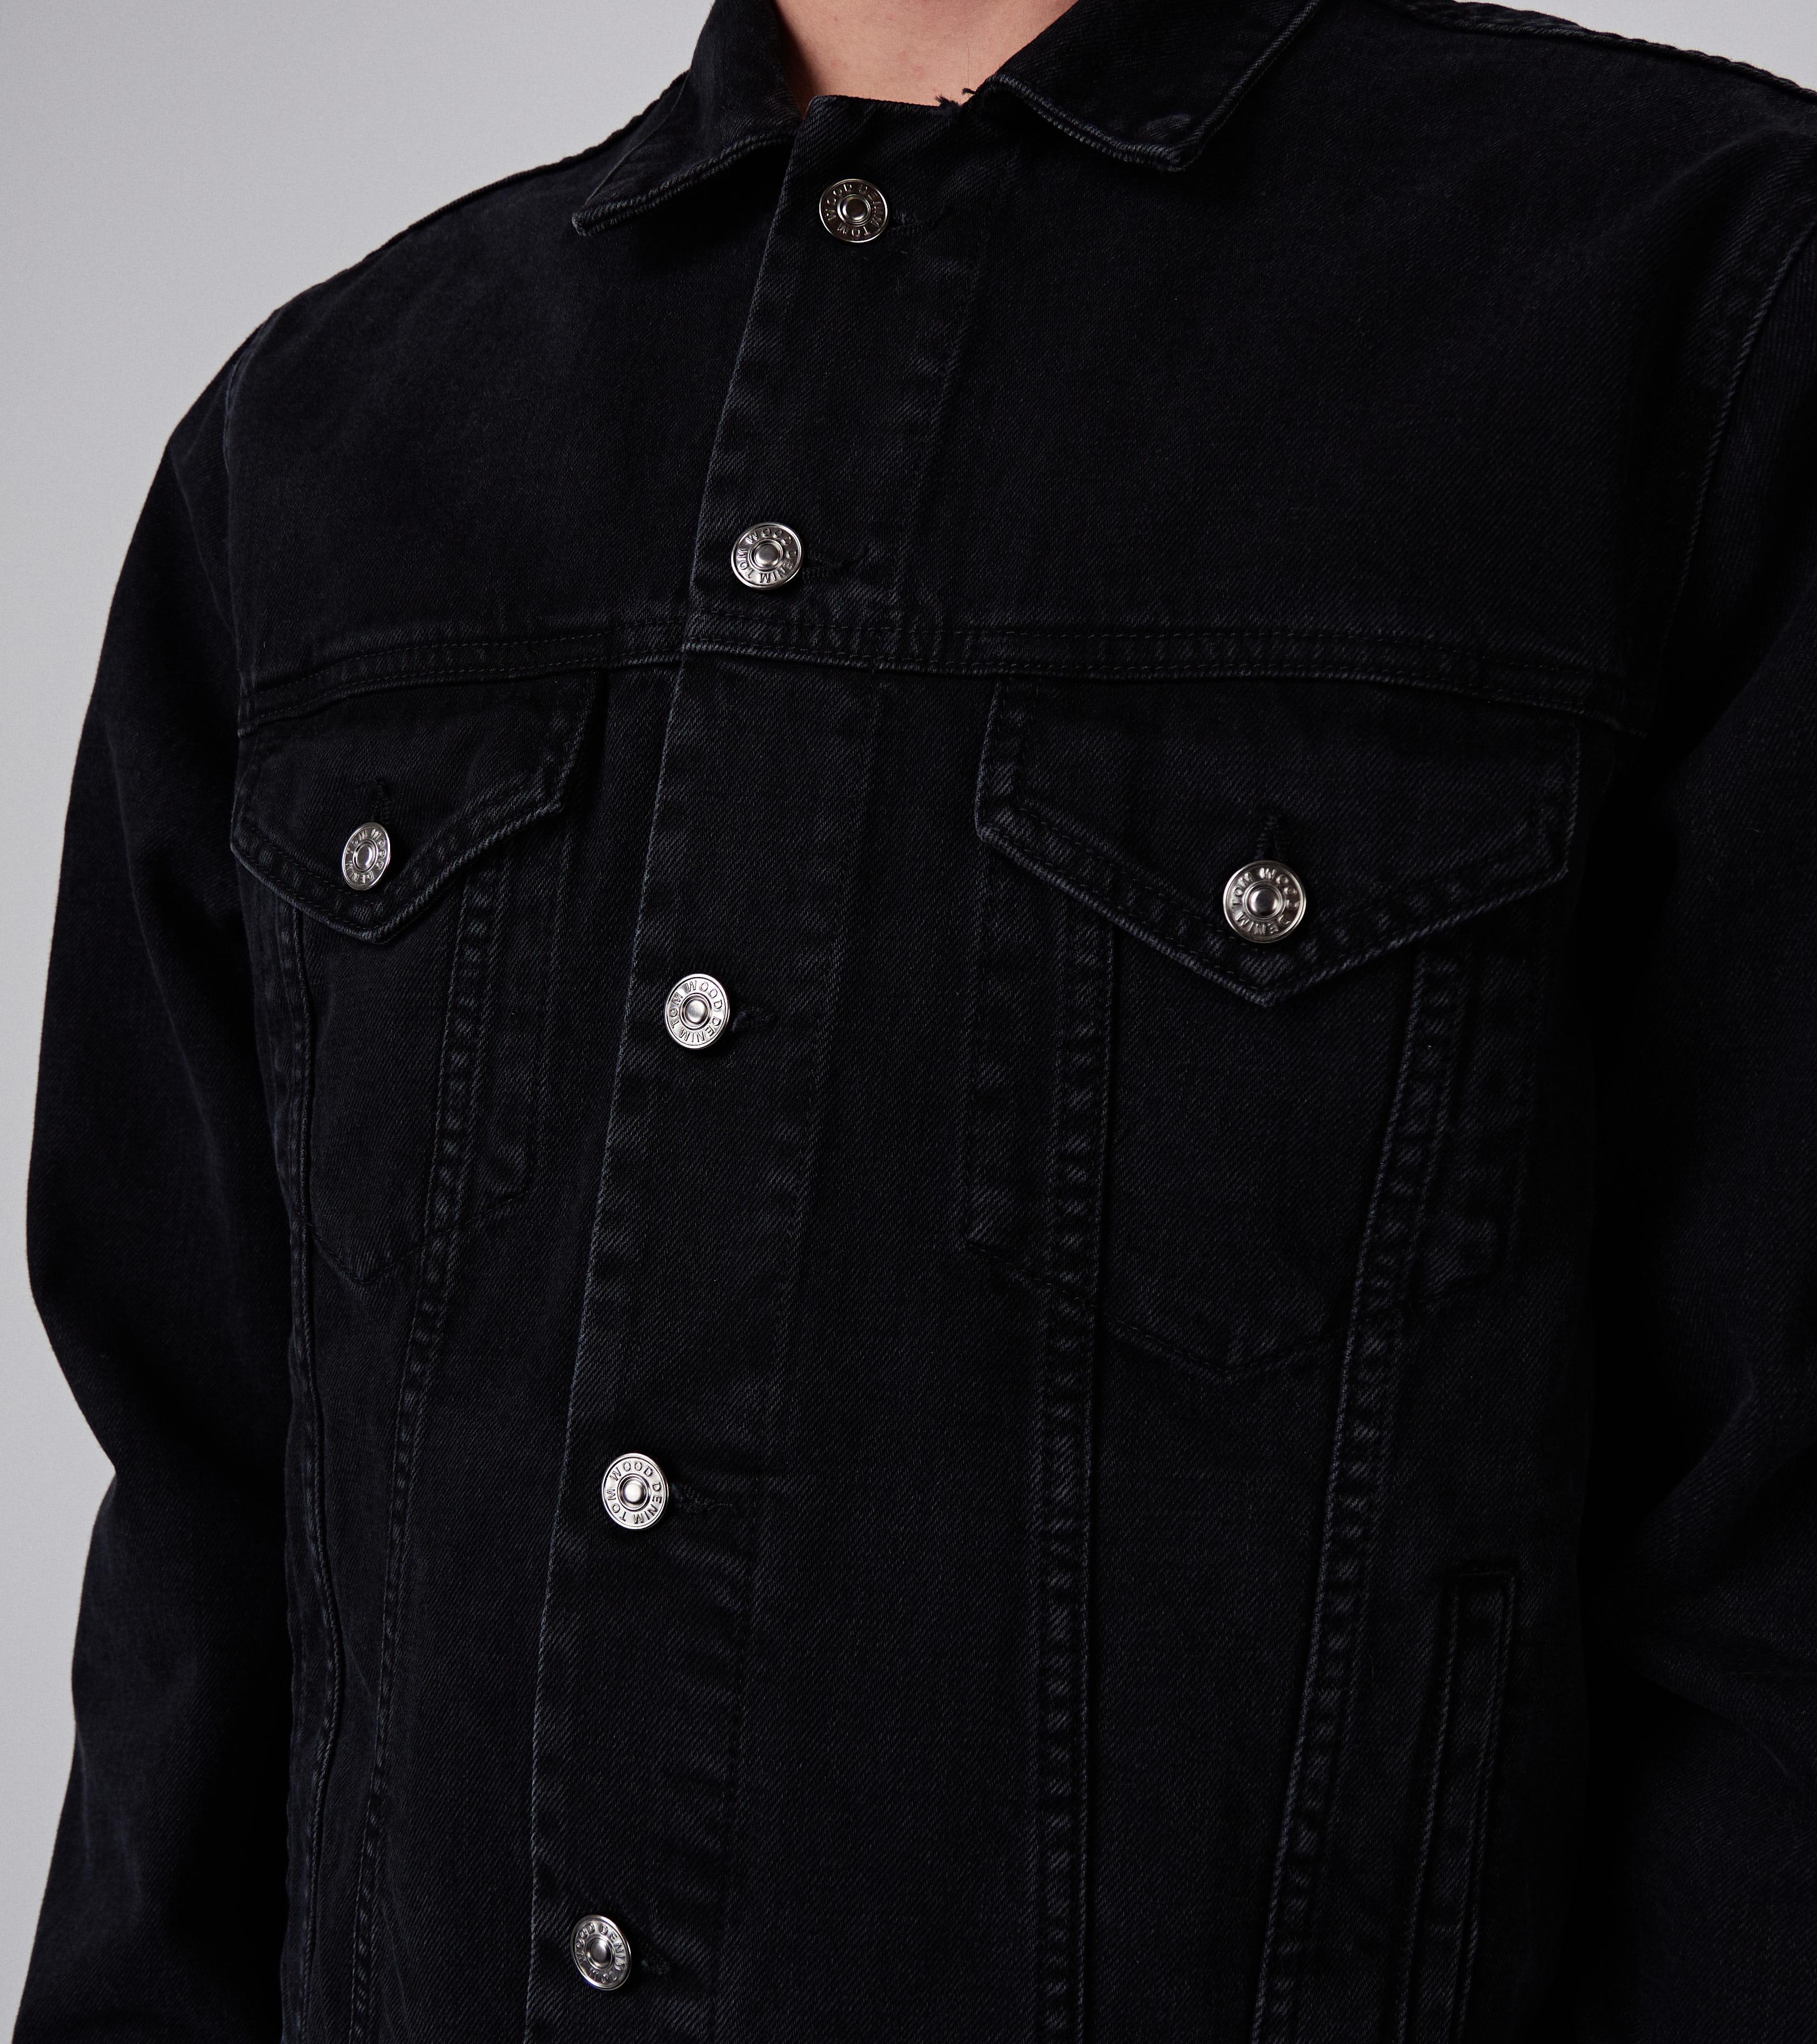 Trucker Jacket Used Black